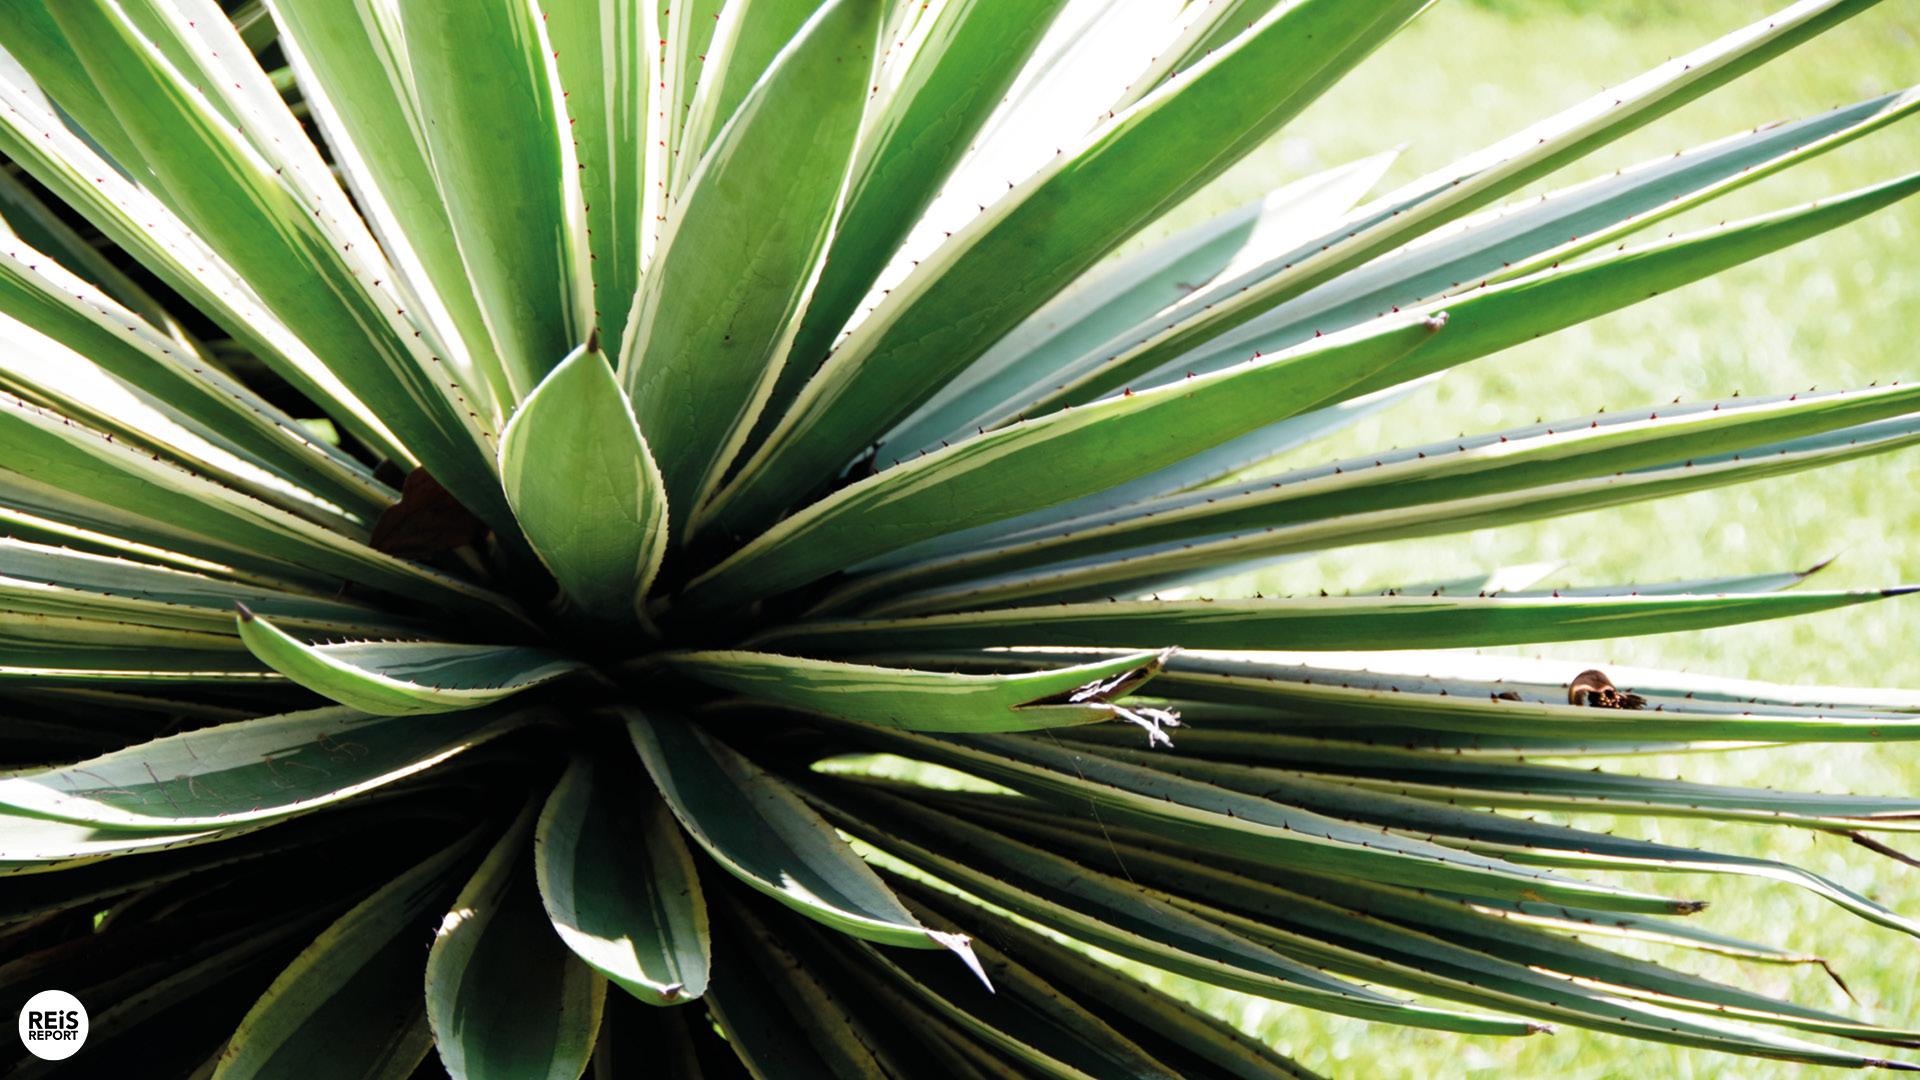 kandy botanische tuin